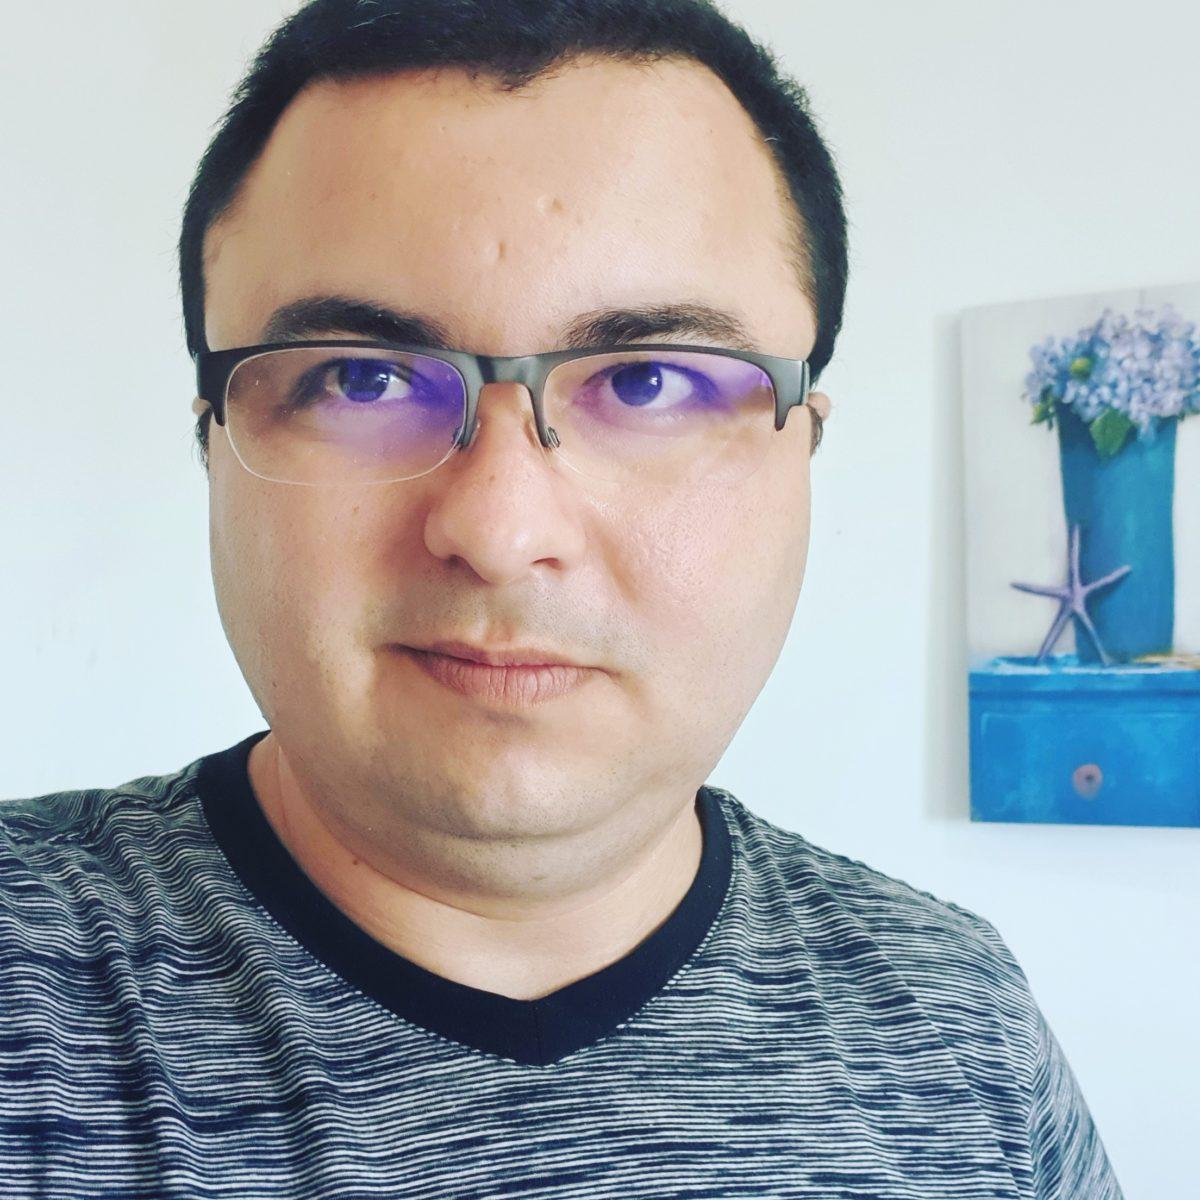 WhatsApp Image 2021 04 29 at 14.44.31 2 - SOLTEIROS E COBIÇADOS: Jornalistas paraibanos fazem sucesso e se tornam os comunicadores mais cobiçados do estado